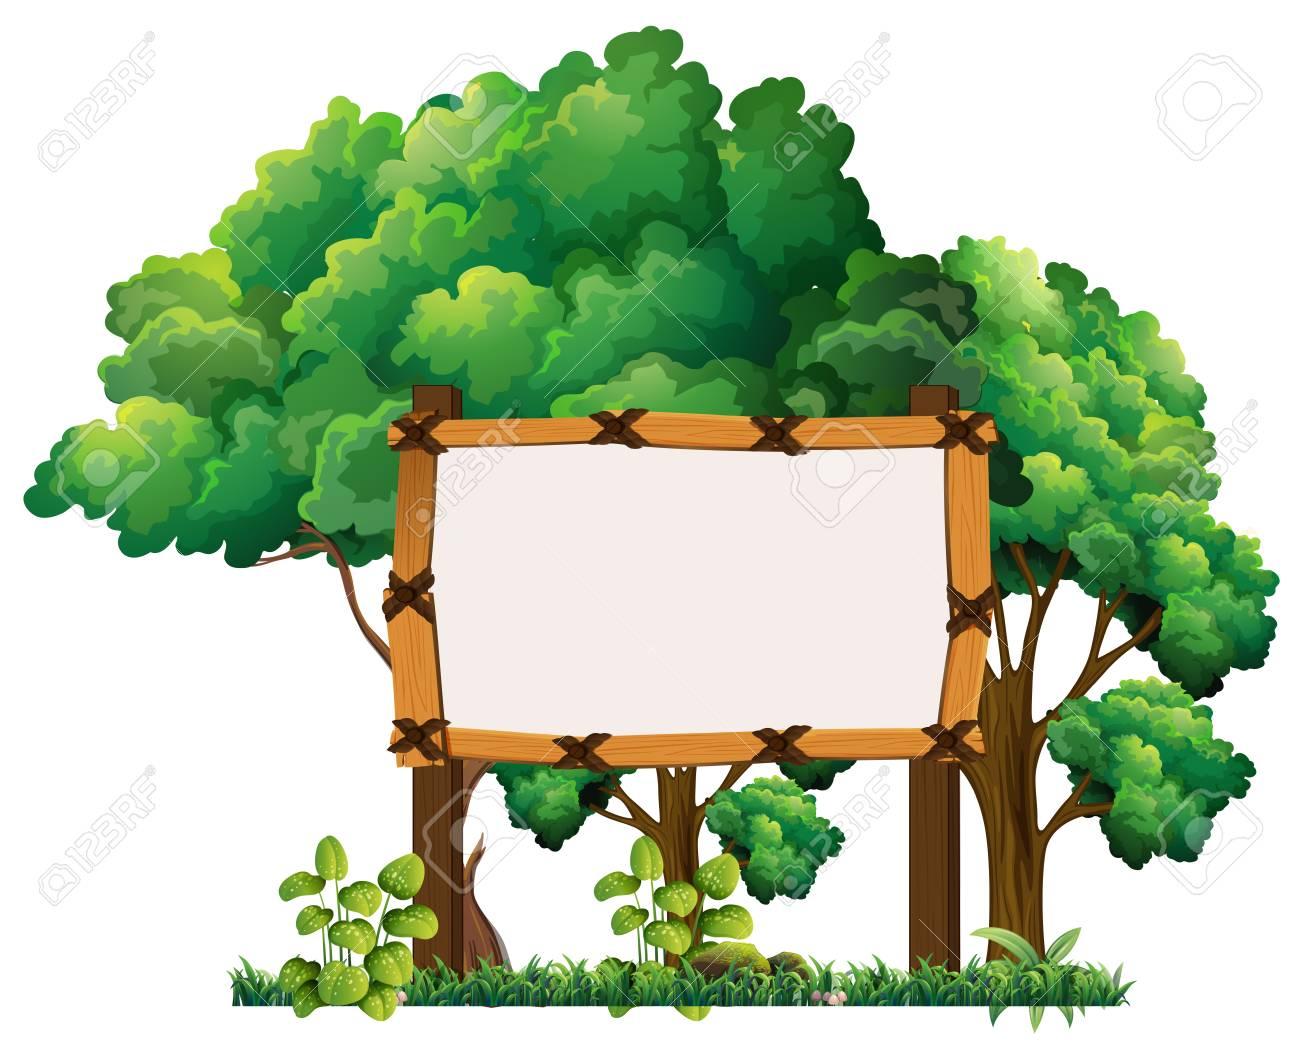 森イラストの木製看板のイラスト素材ベクタ Image 74028266